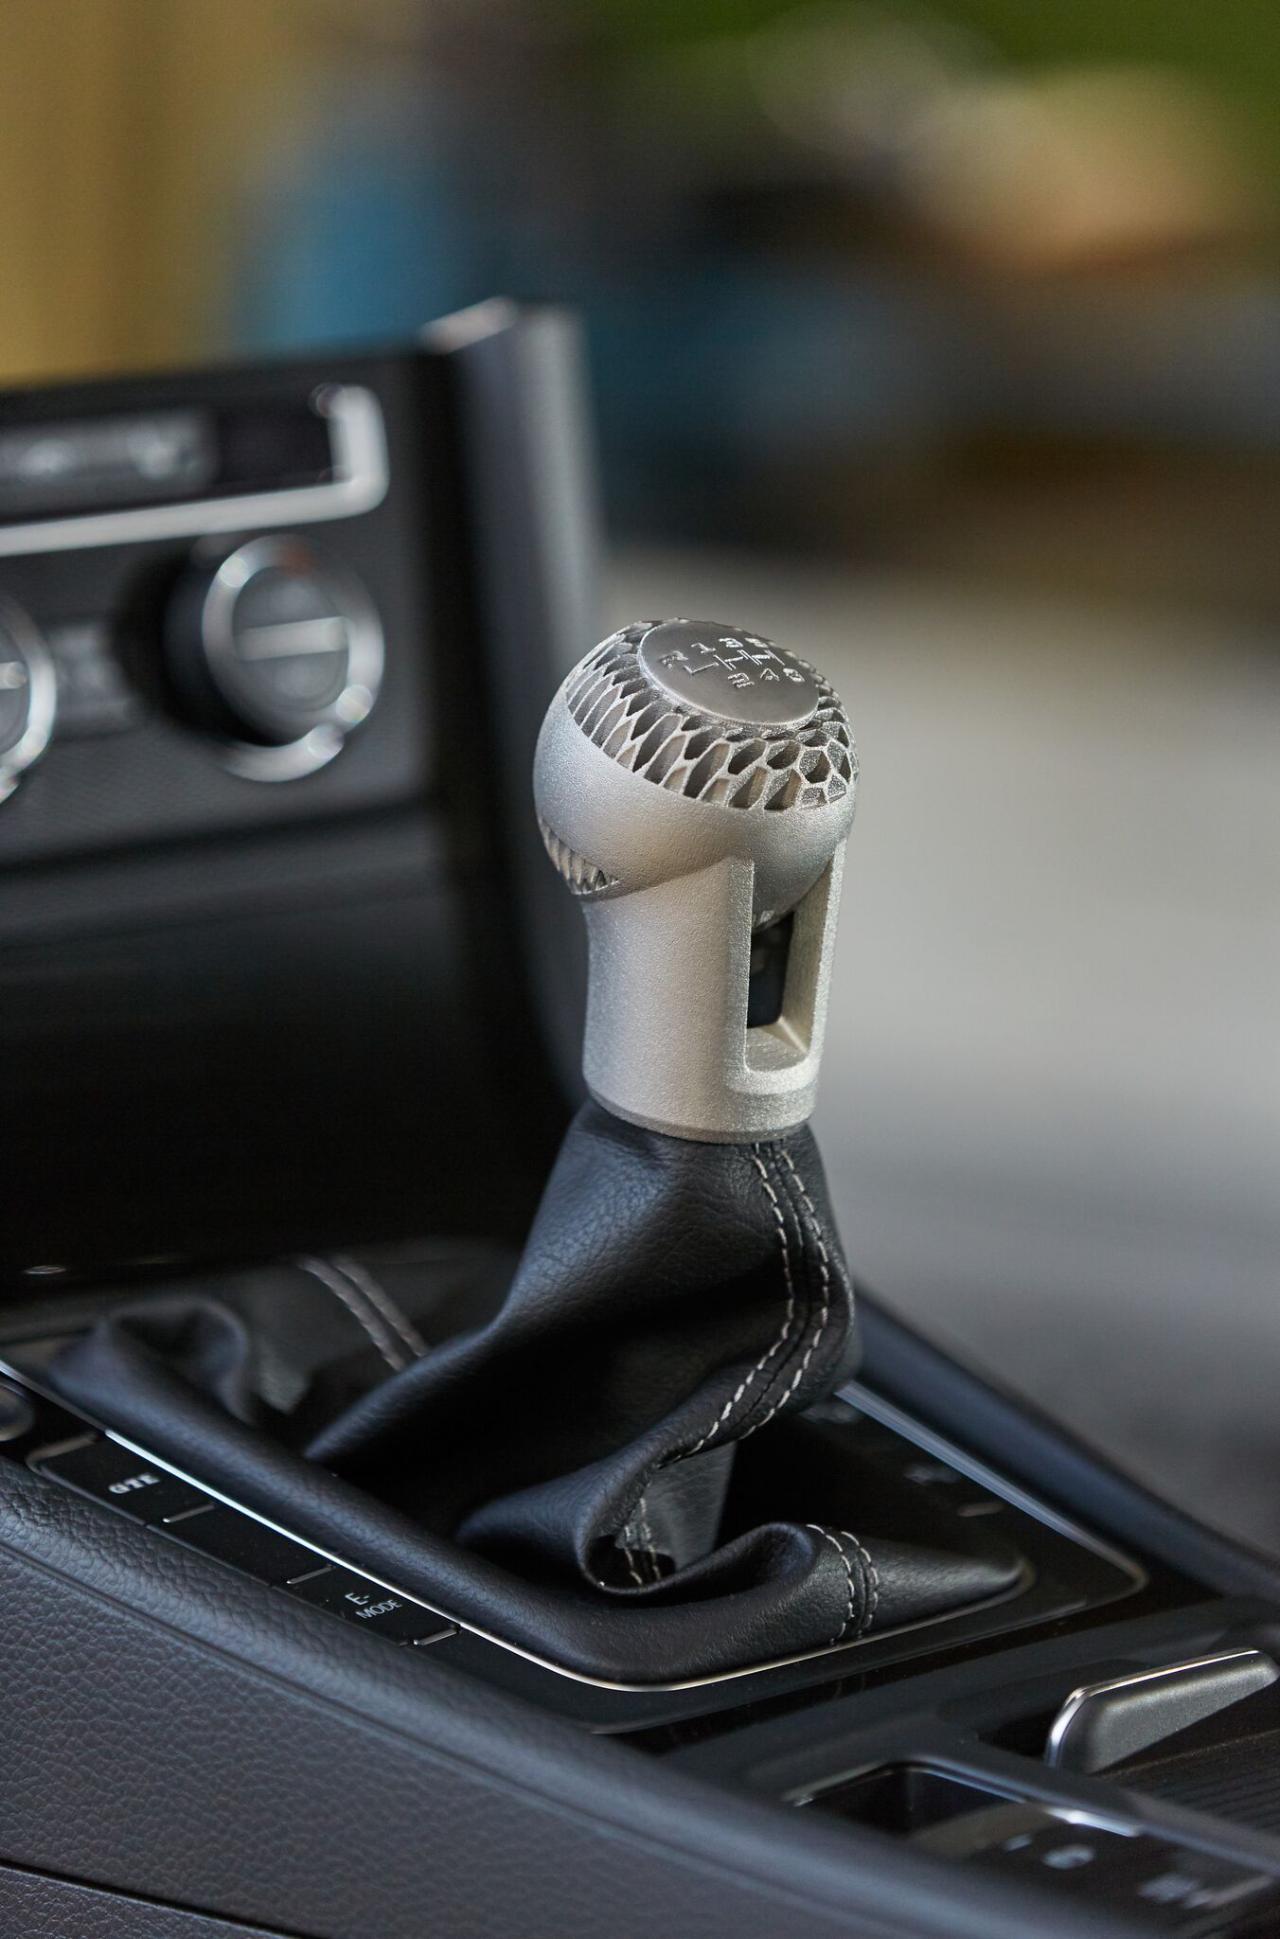 3D Metal Jet printed Volkswagen gearshift knob.